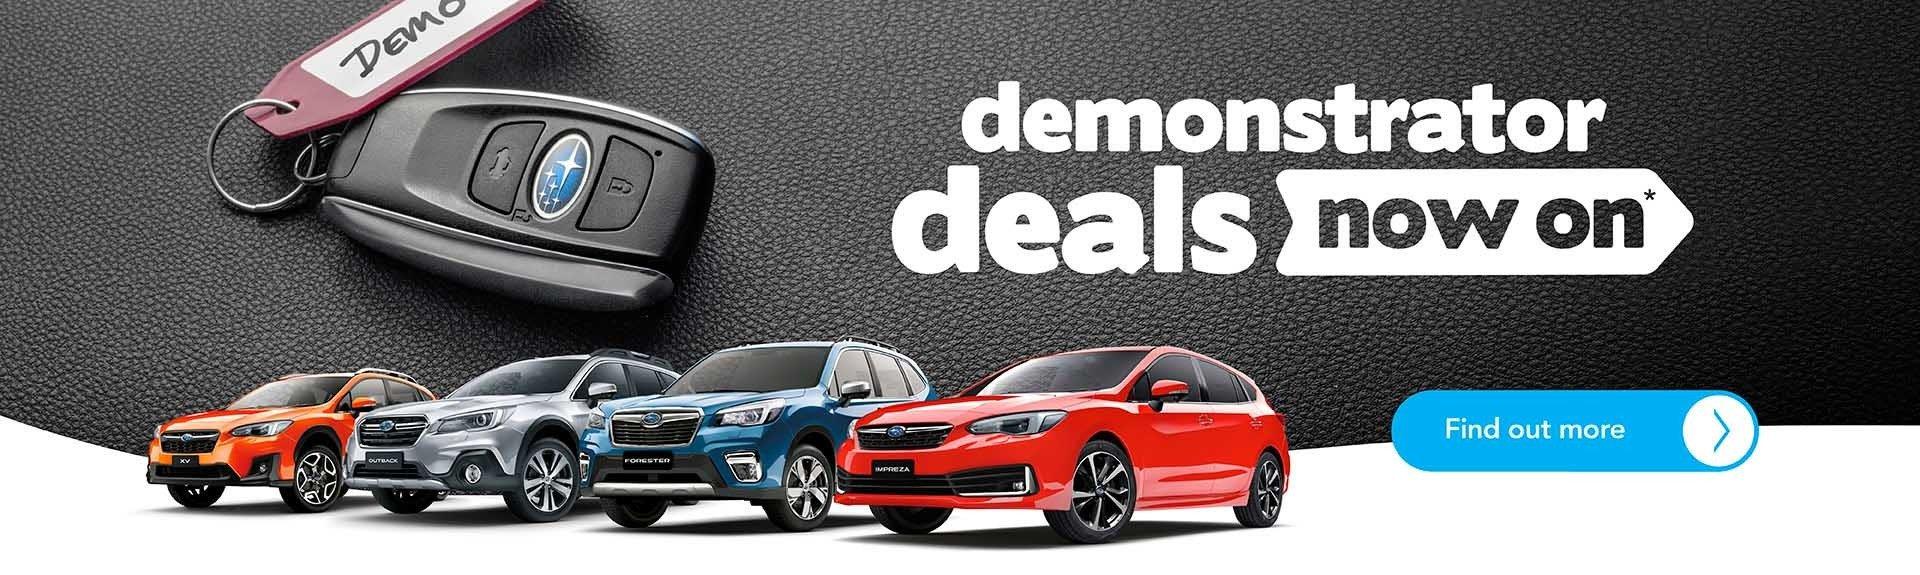 Subaru Berwick - Demonstrator Sale on now